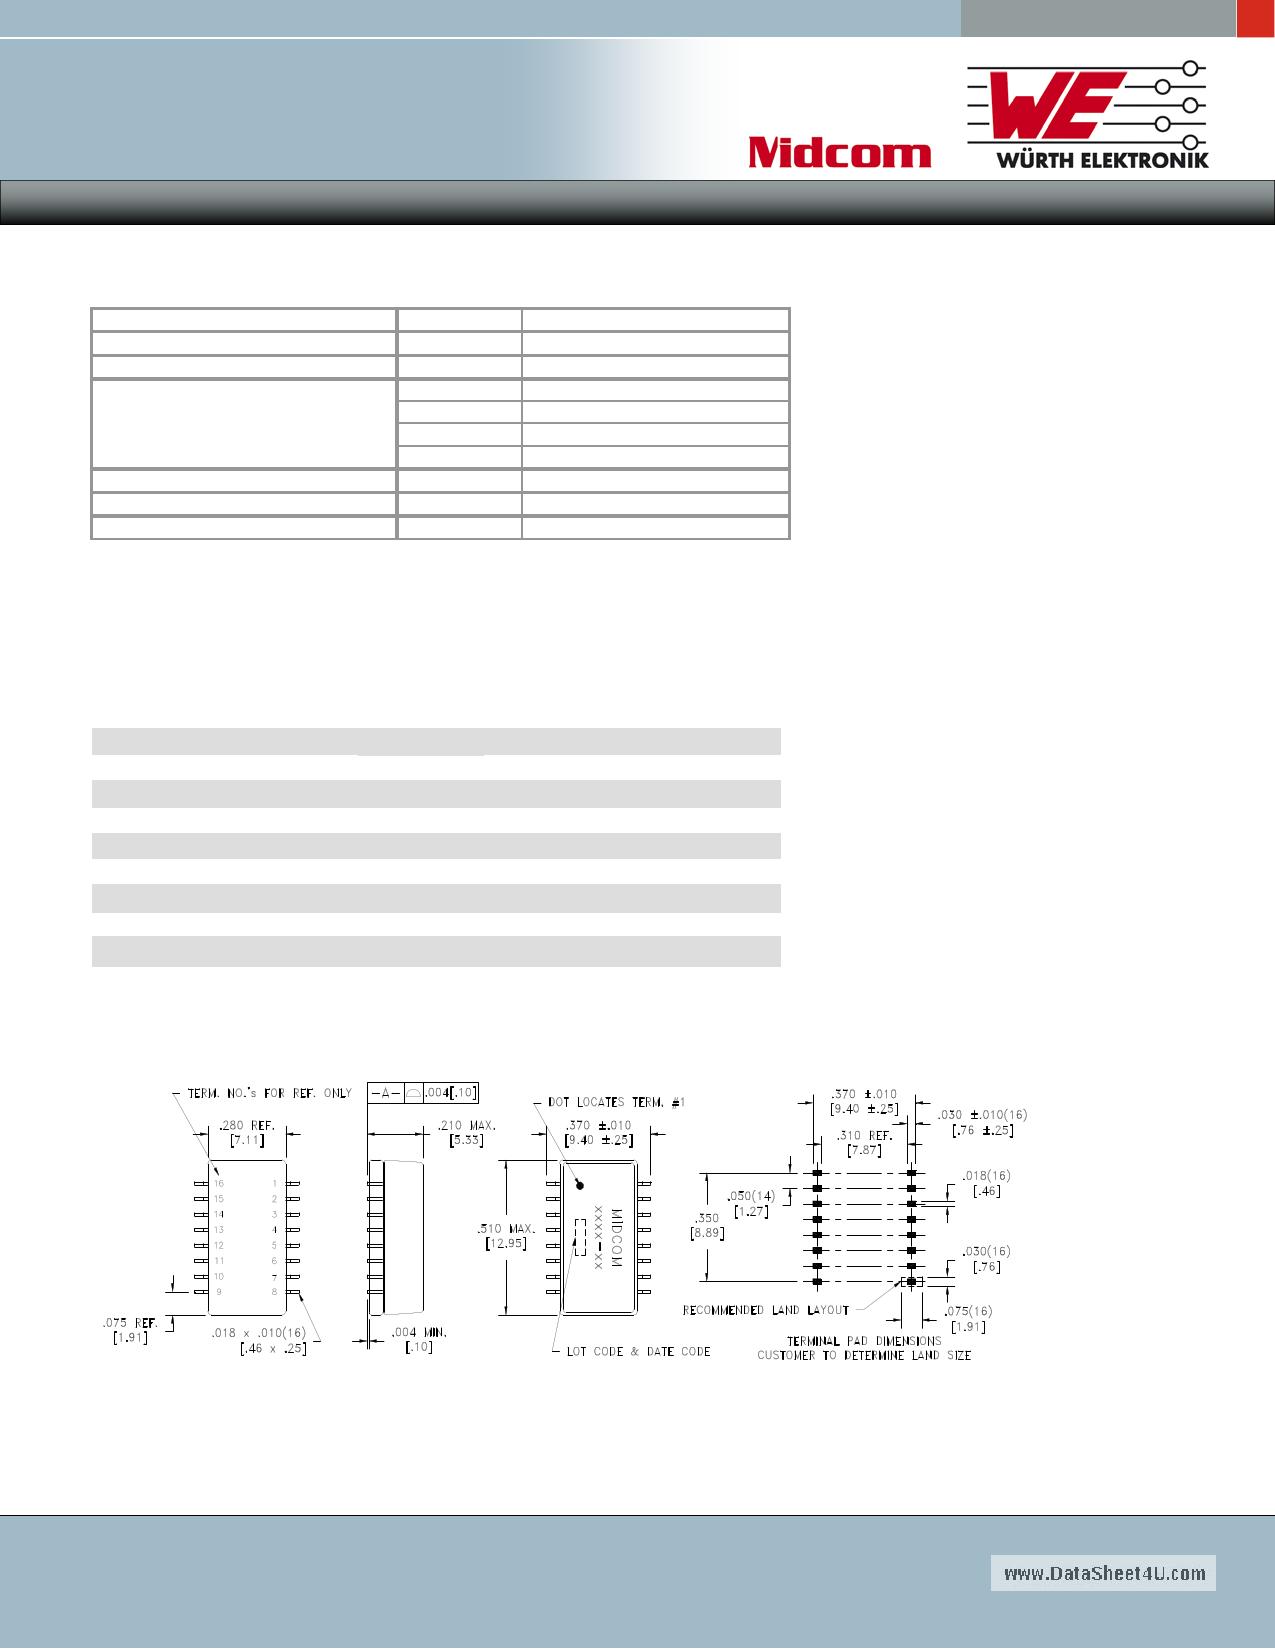 000-7090-37 datasheet